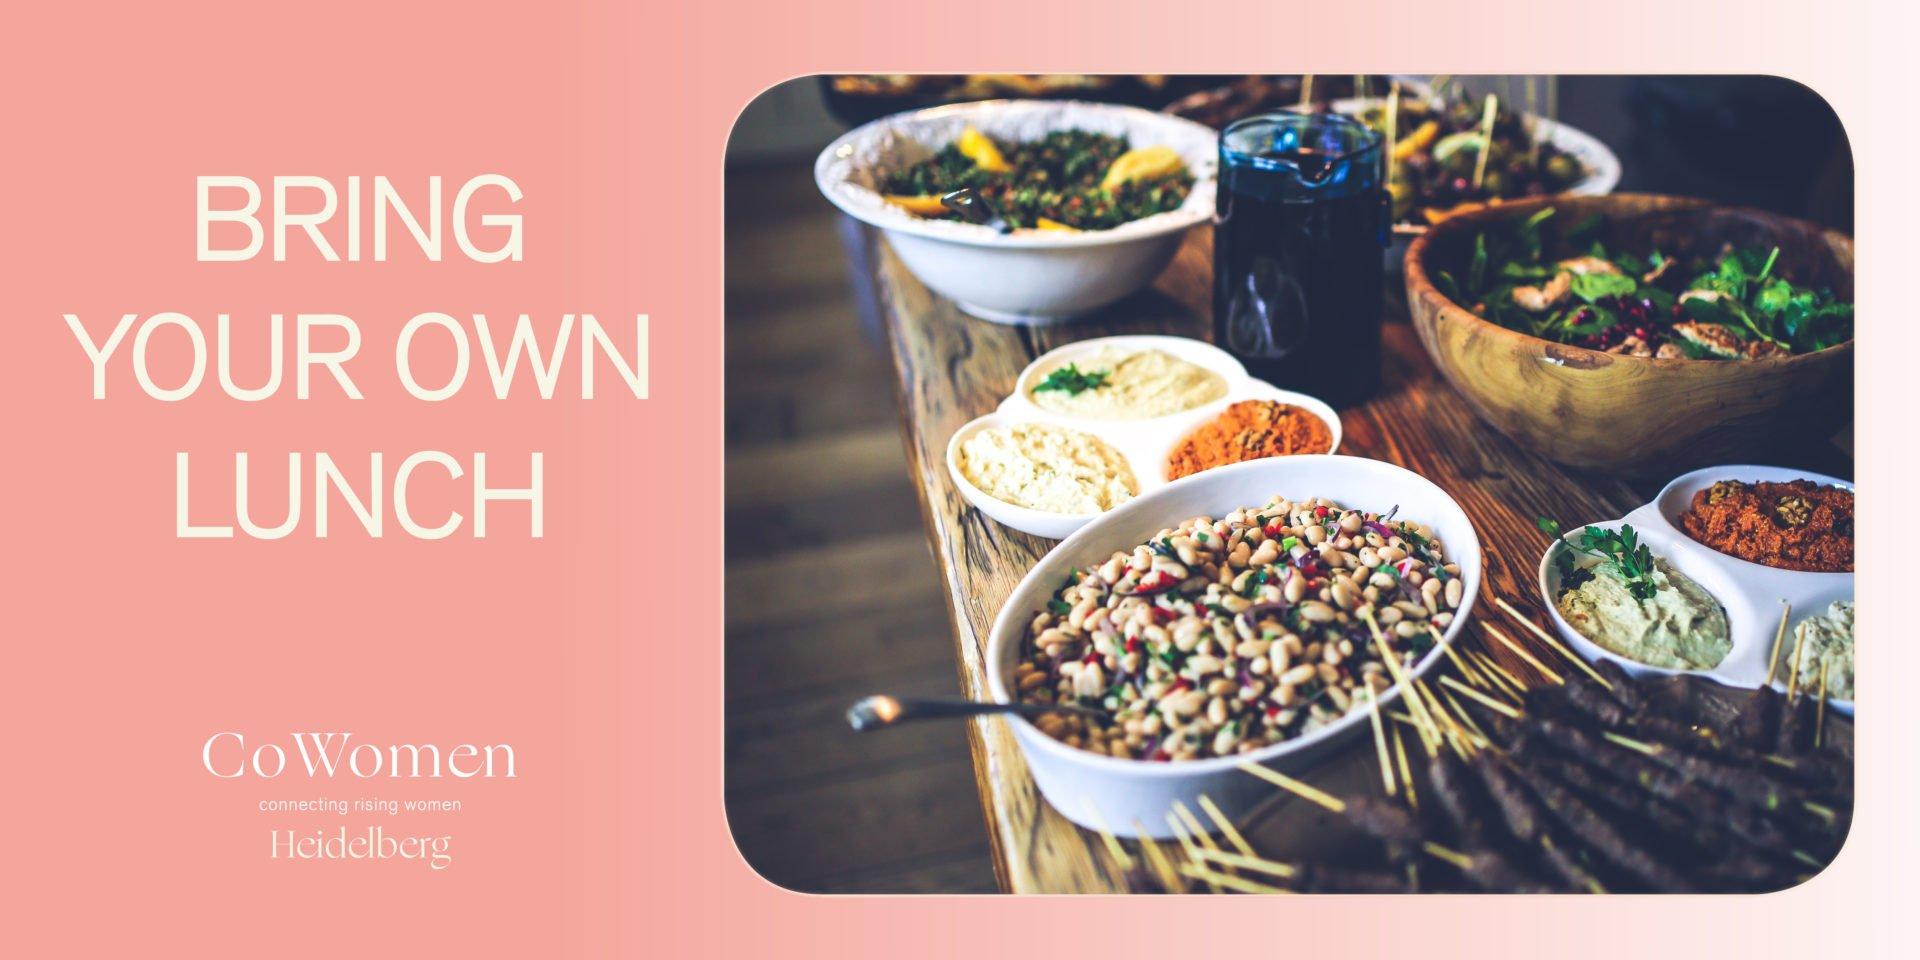 Mitbring lunch website